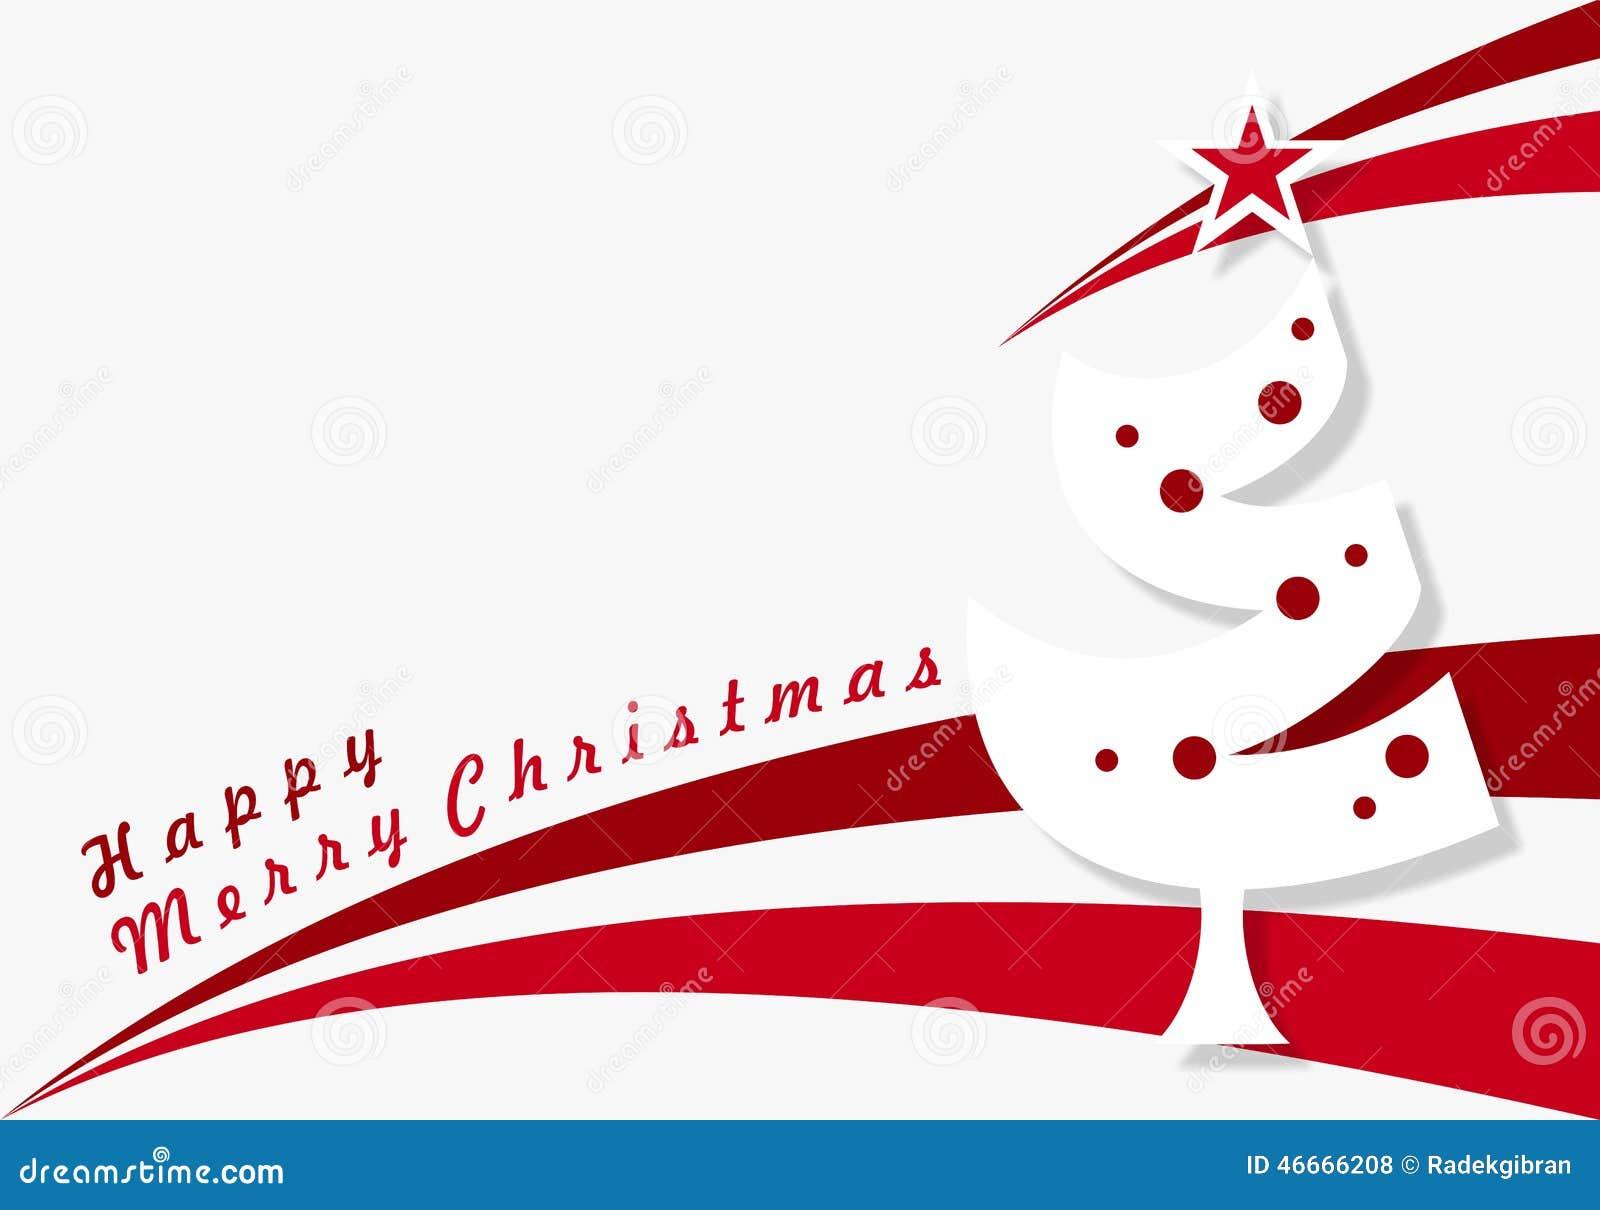 Frohe Weihnachten Rahmen.Glückliche Frohe Weihnachten Feiertag Rahmen Glückliche Frohe